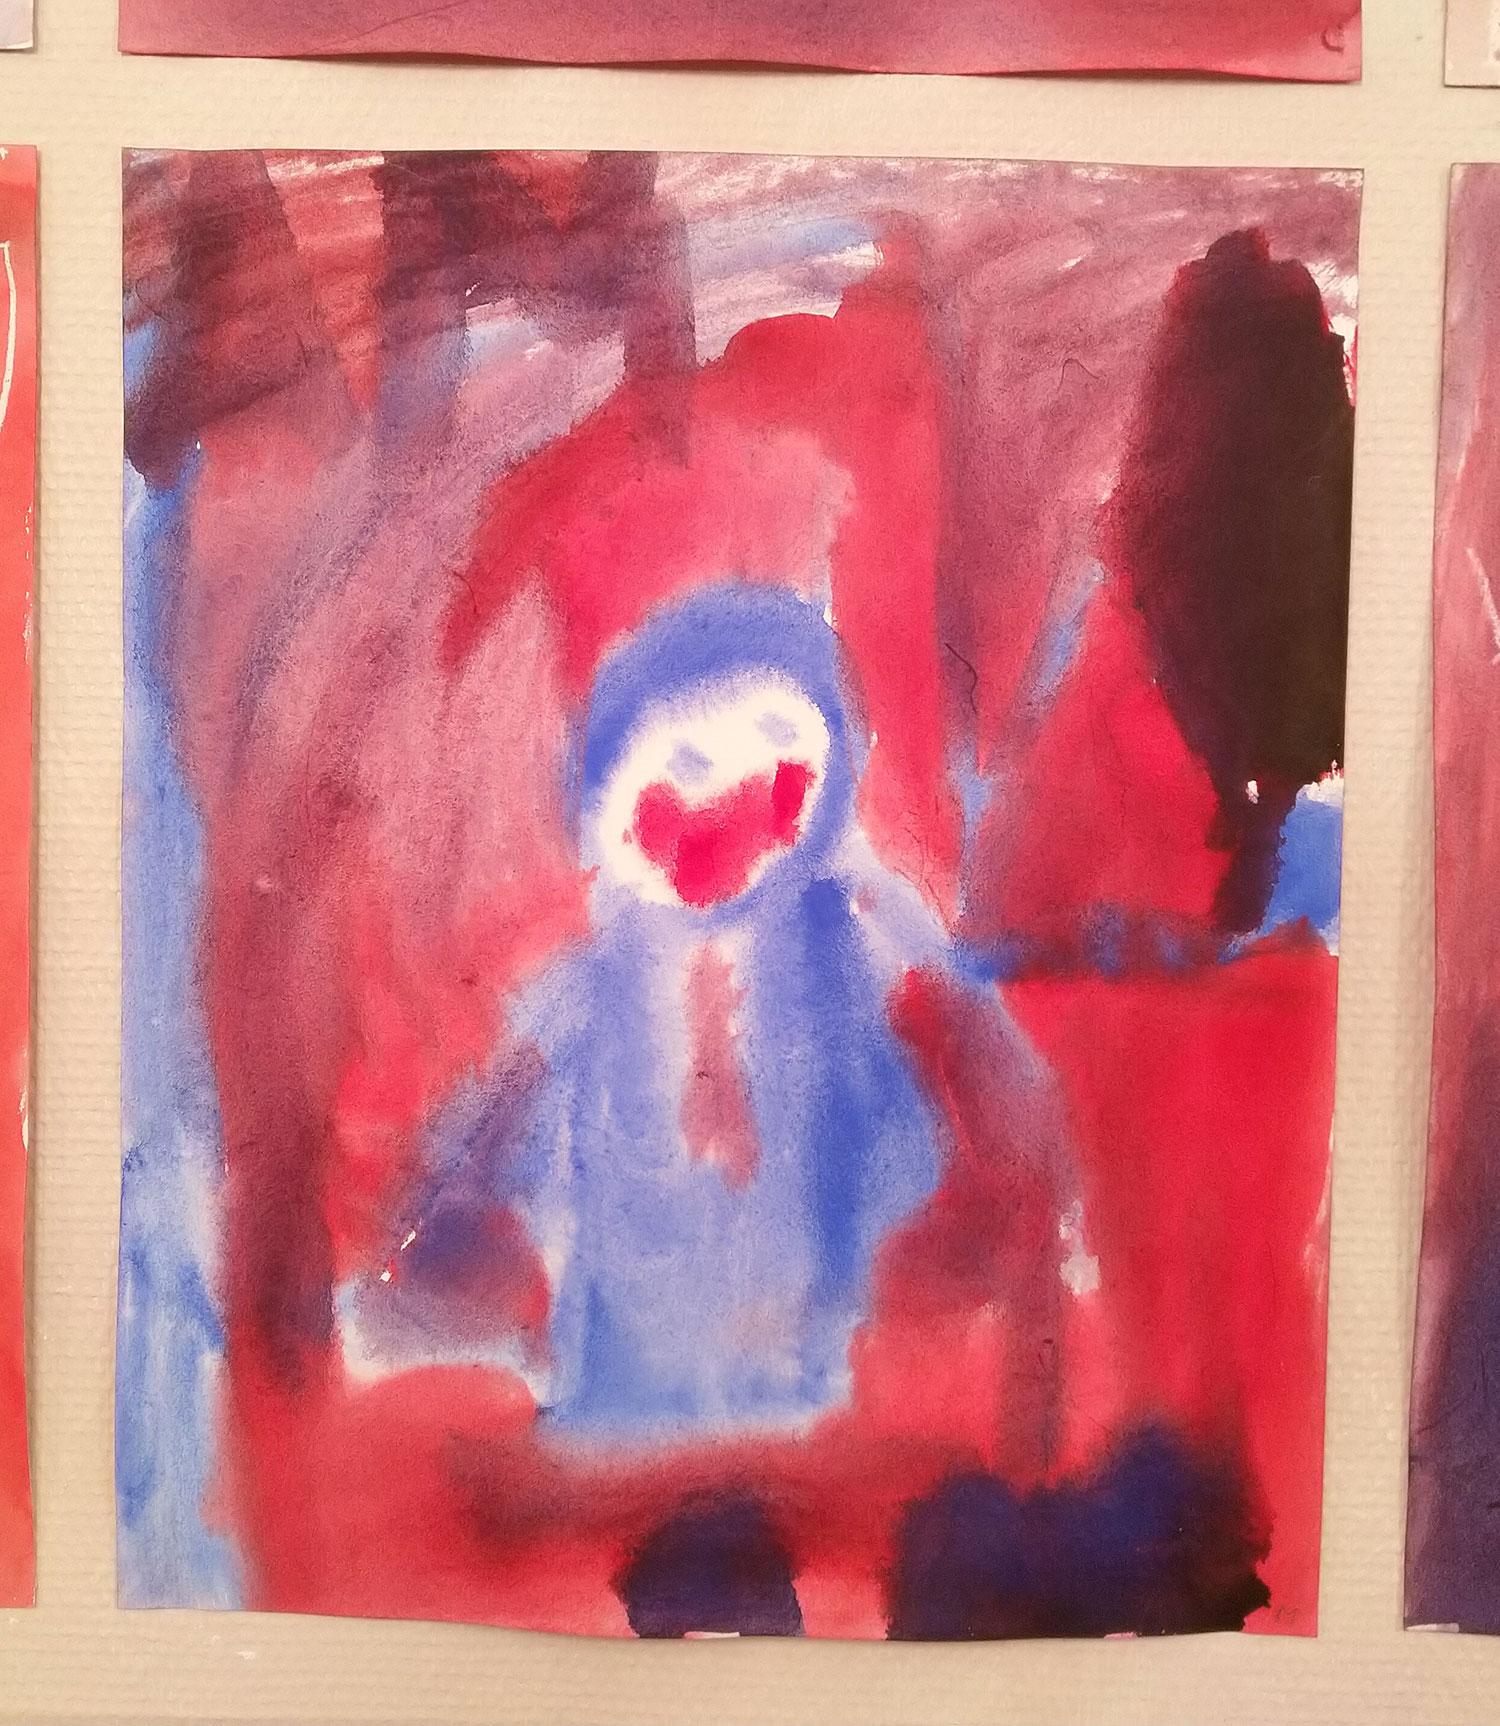 Smilenende snømann fra 2.klasse Steinerskolen i Askim